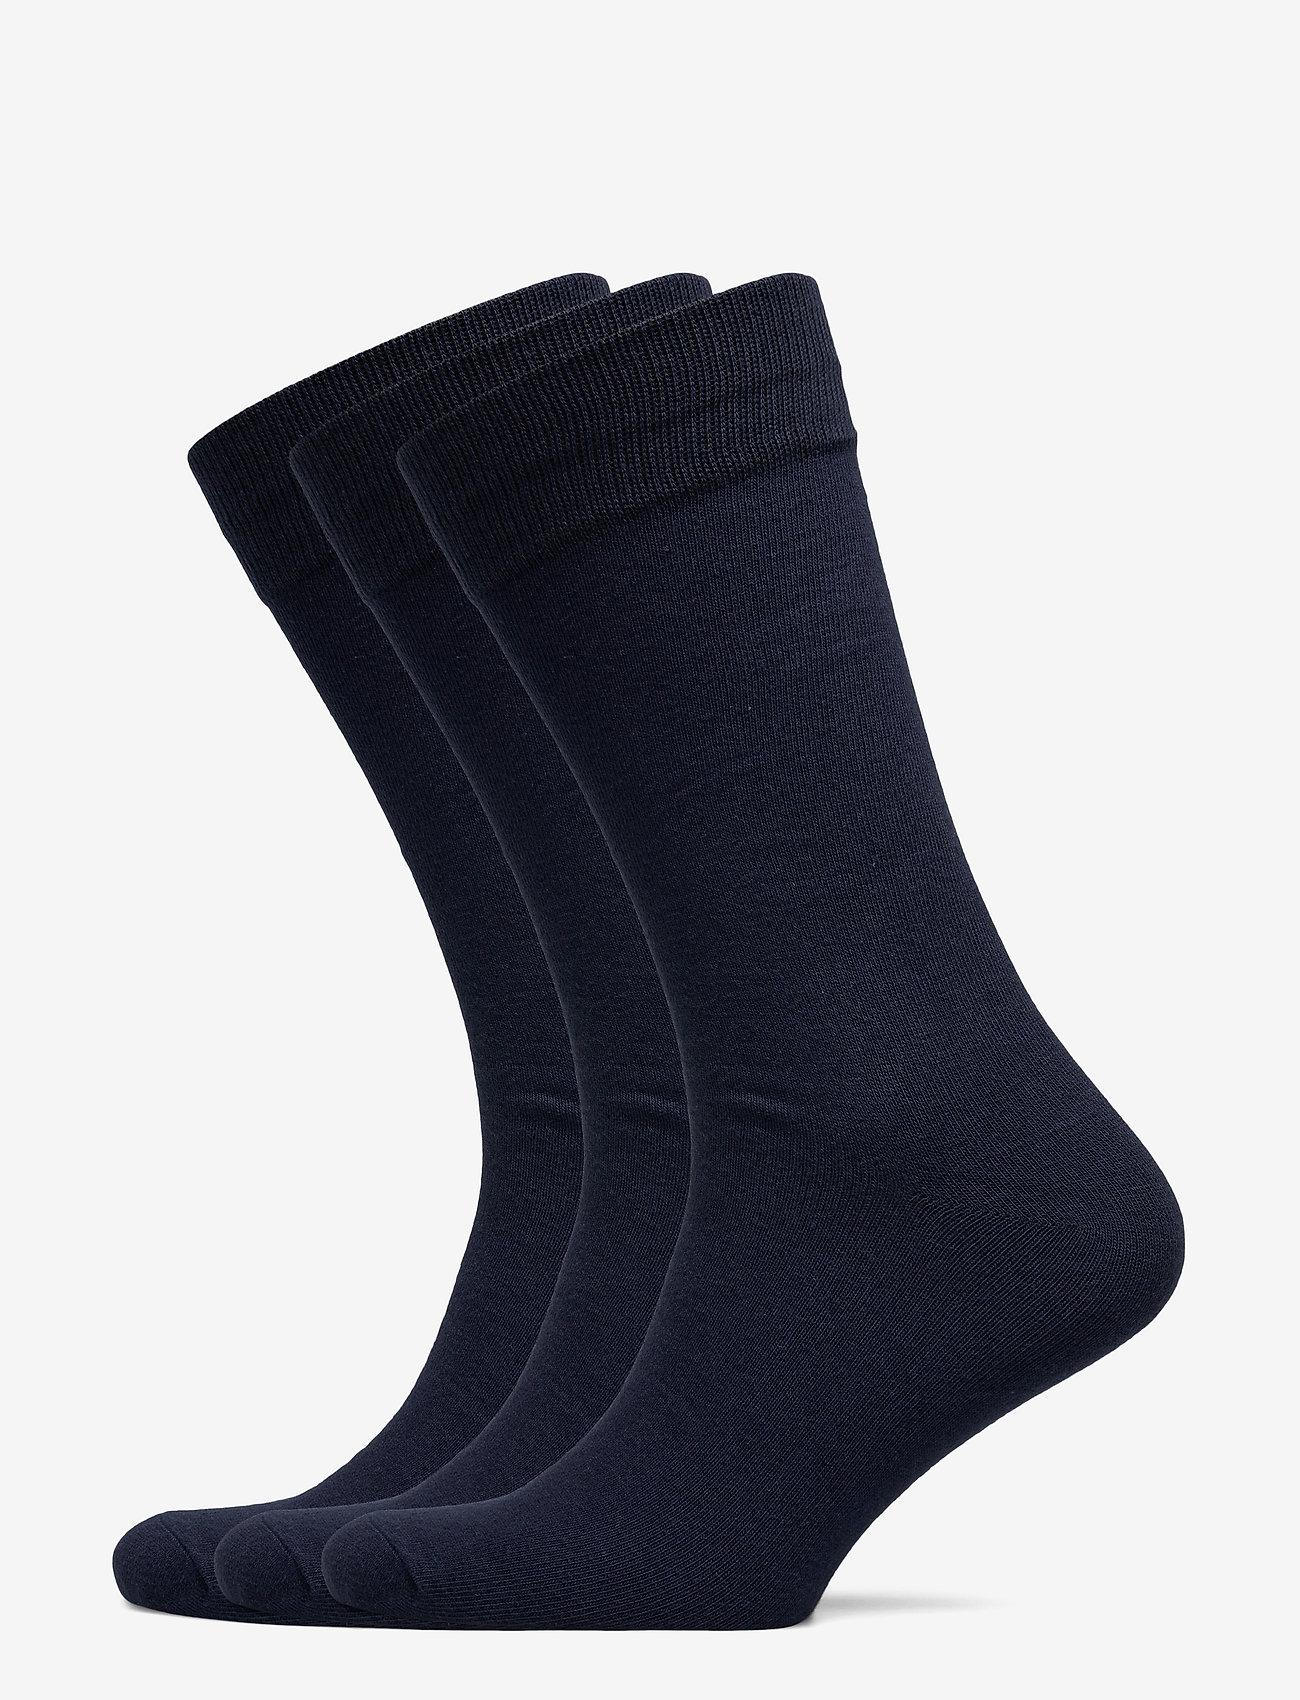 Selected Homme - SLH3-PACK COTTON SOCK - chaussettes régulières - navy blazer - 0